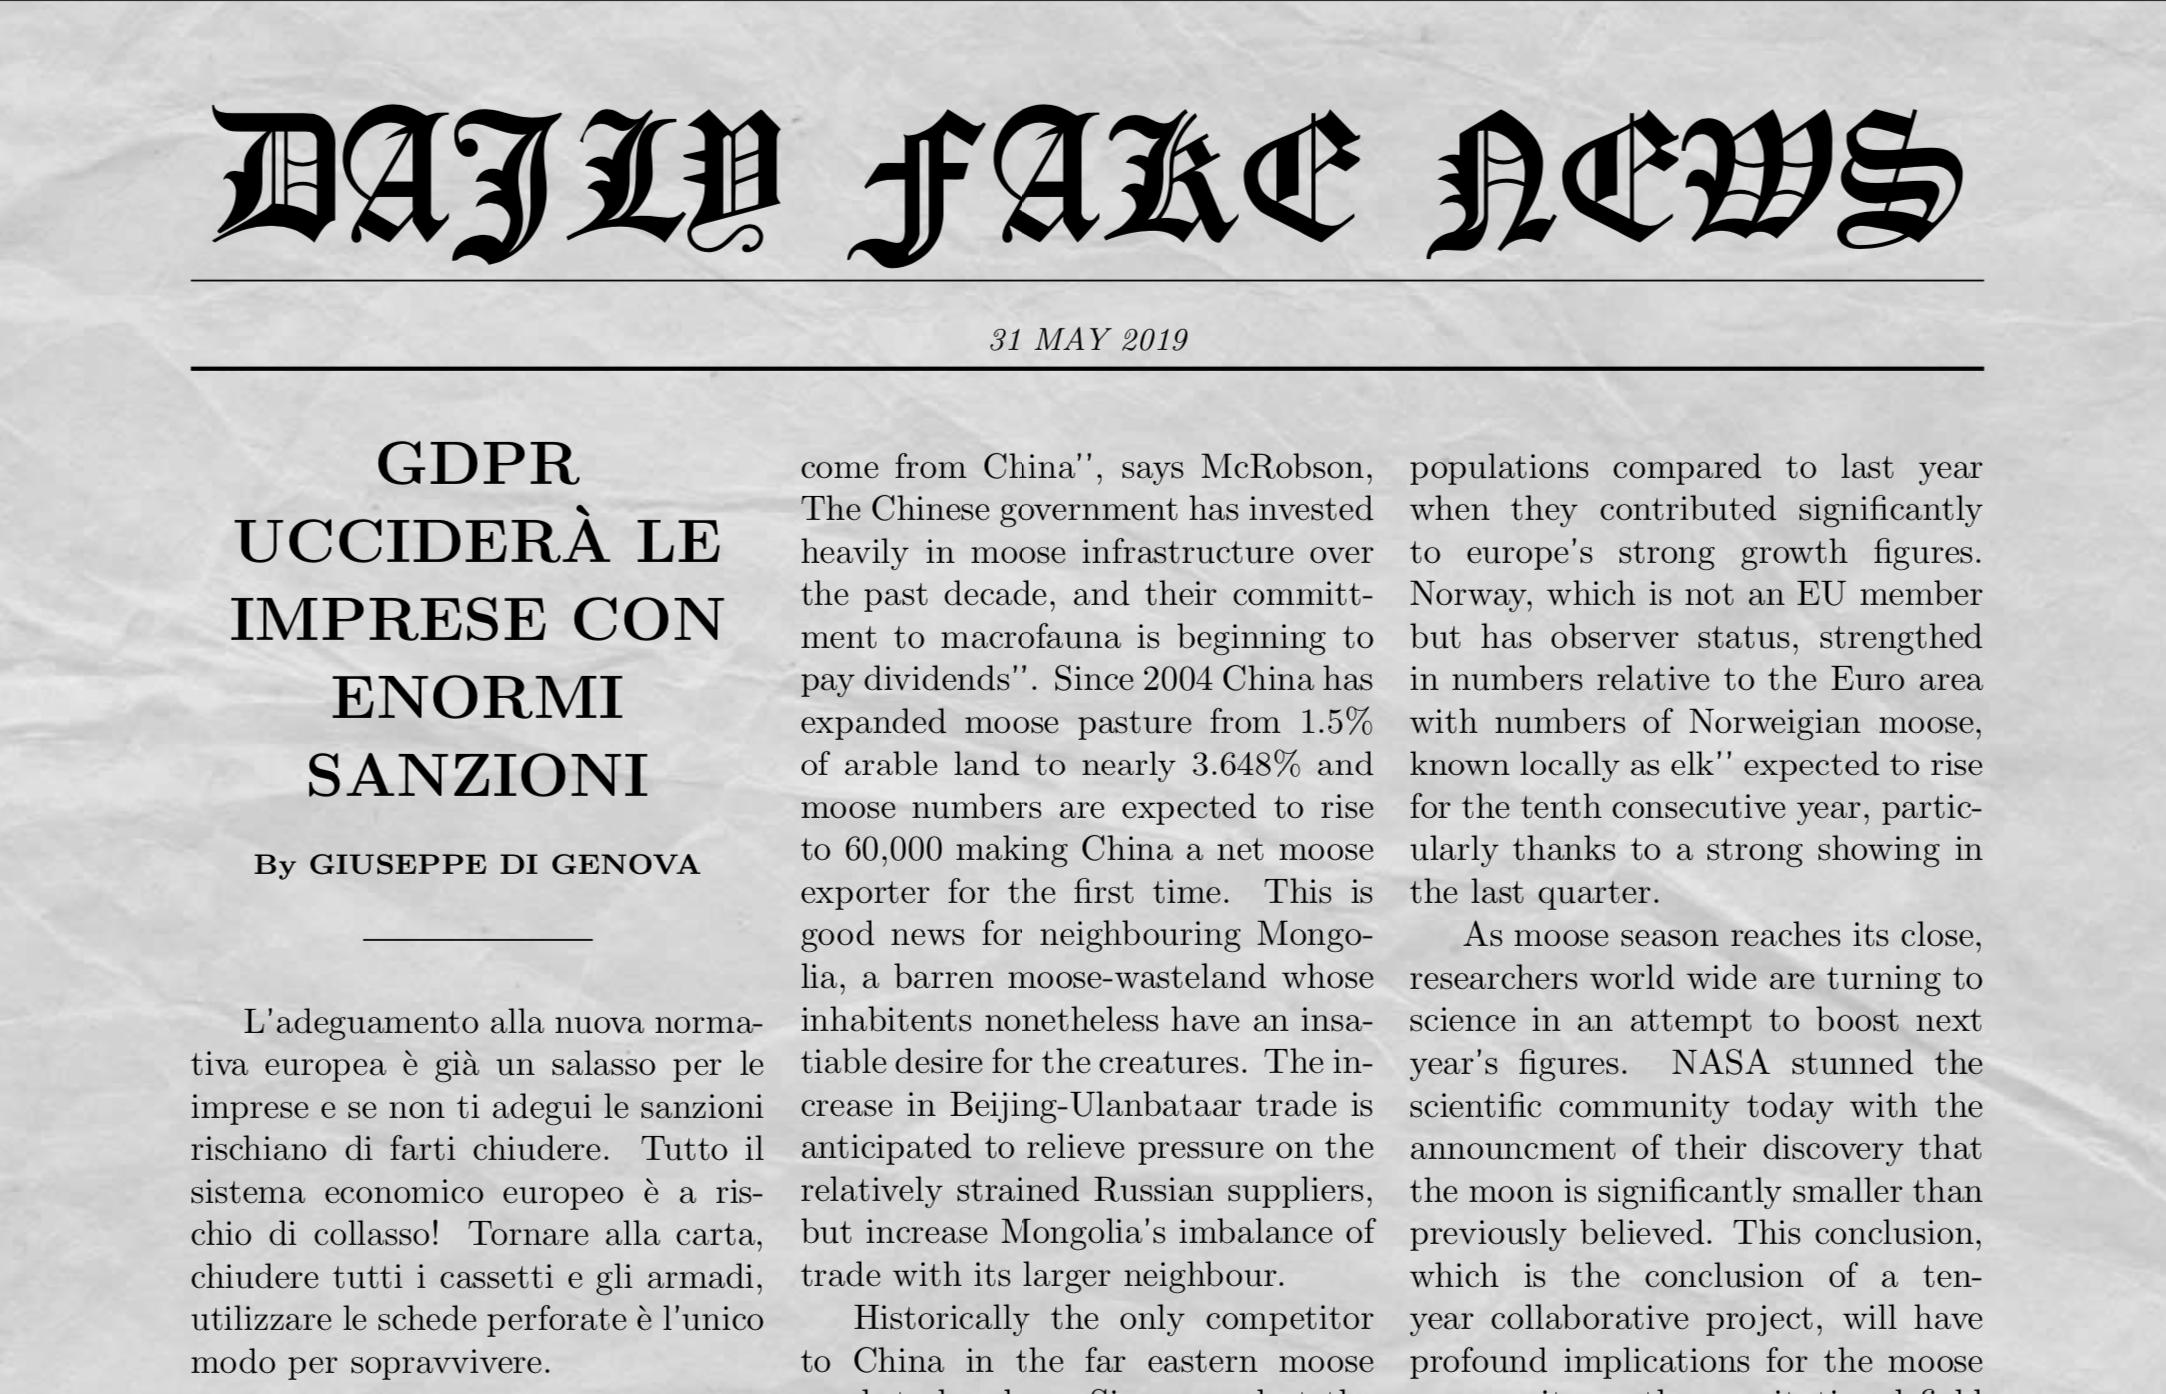 Fake news gdpr